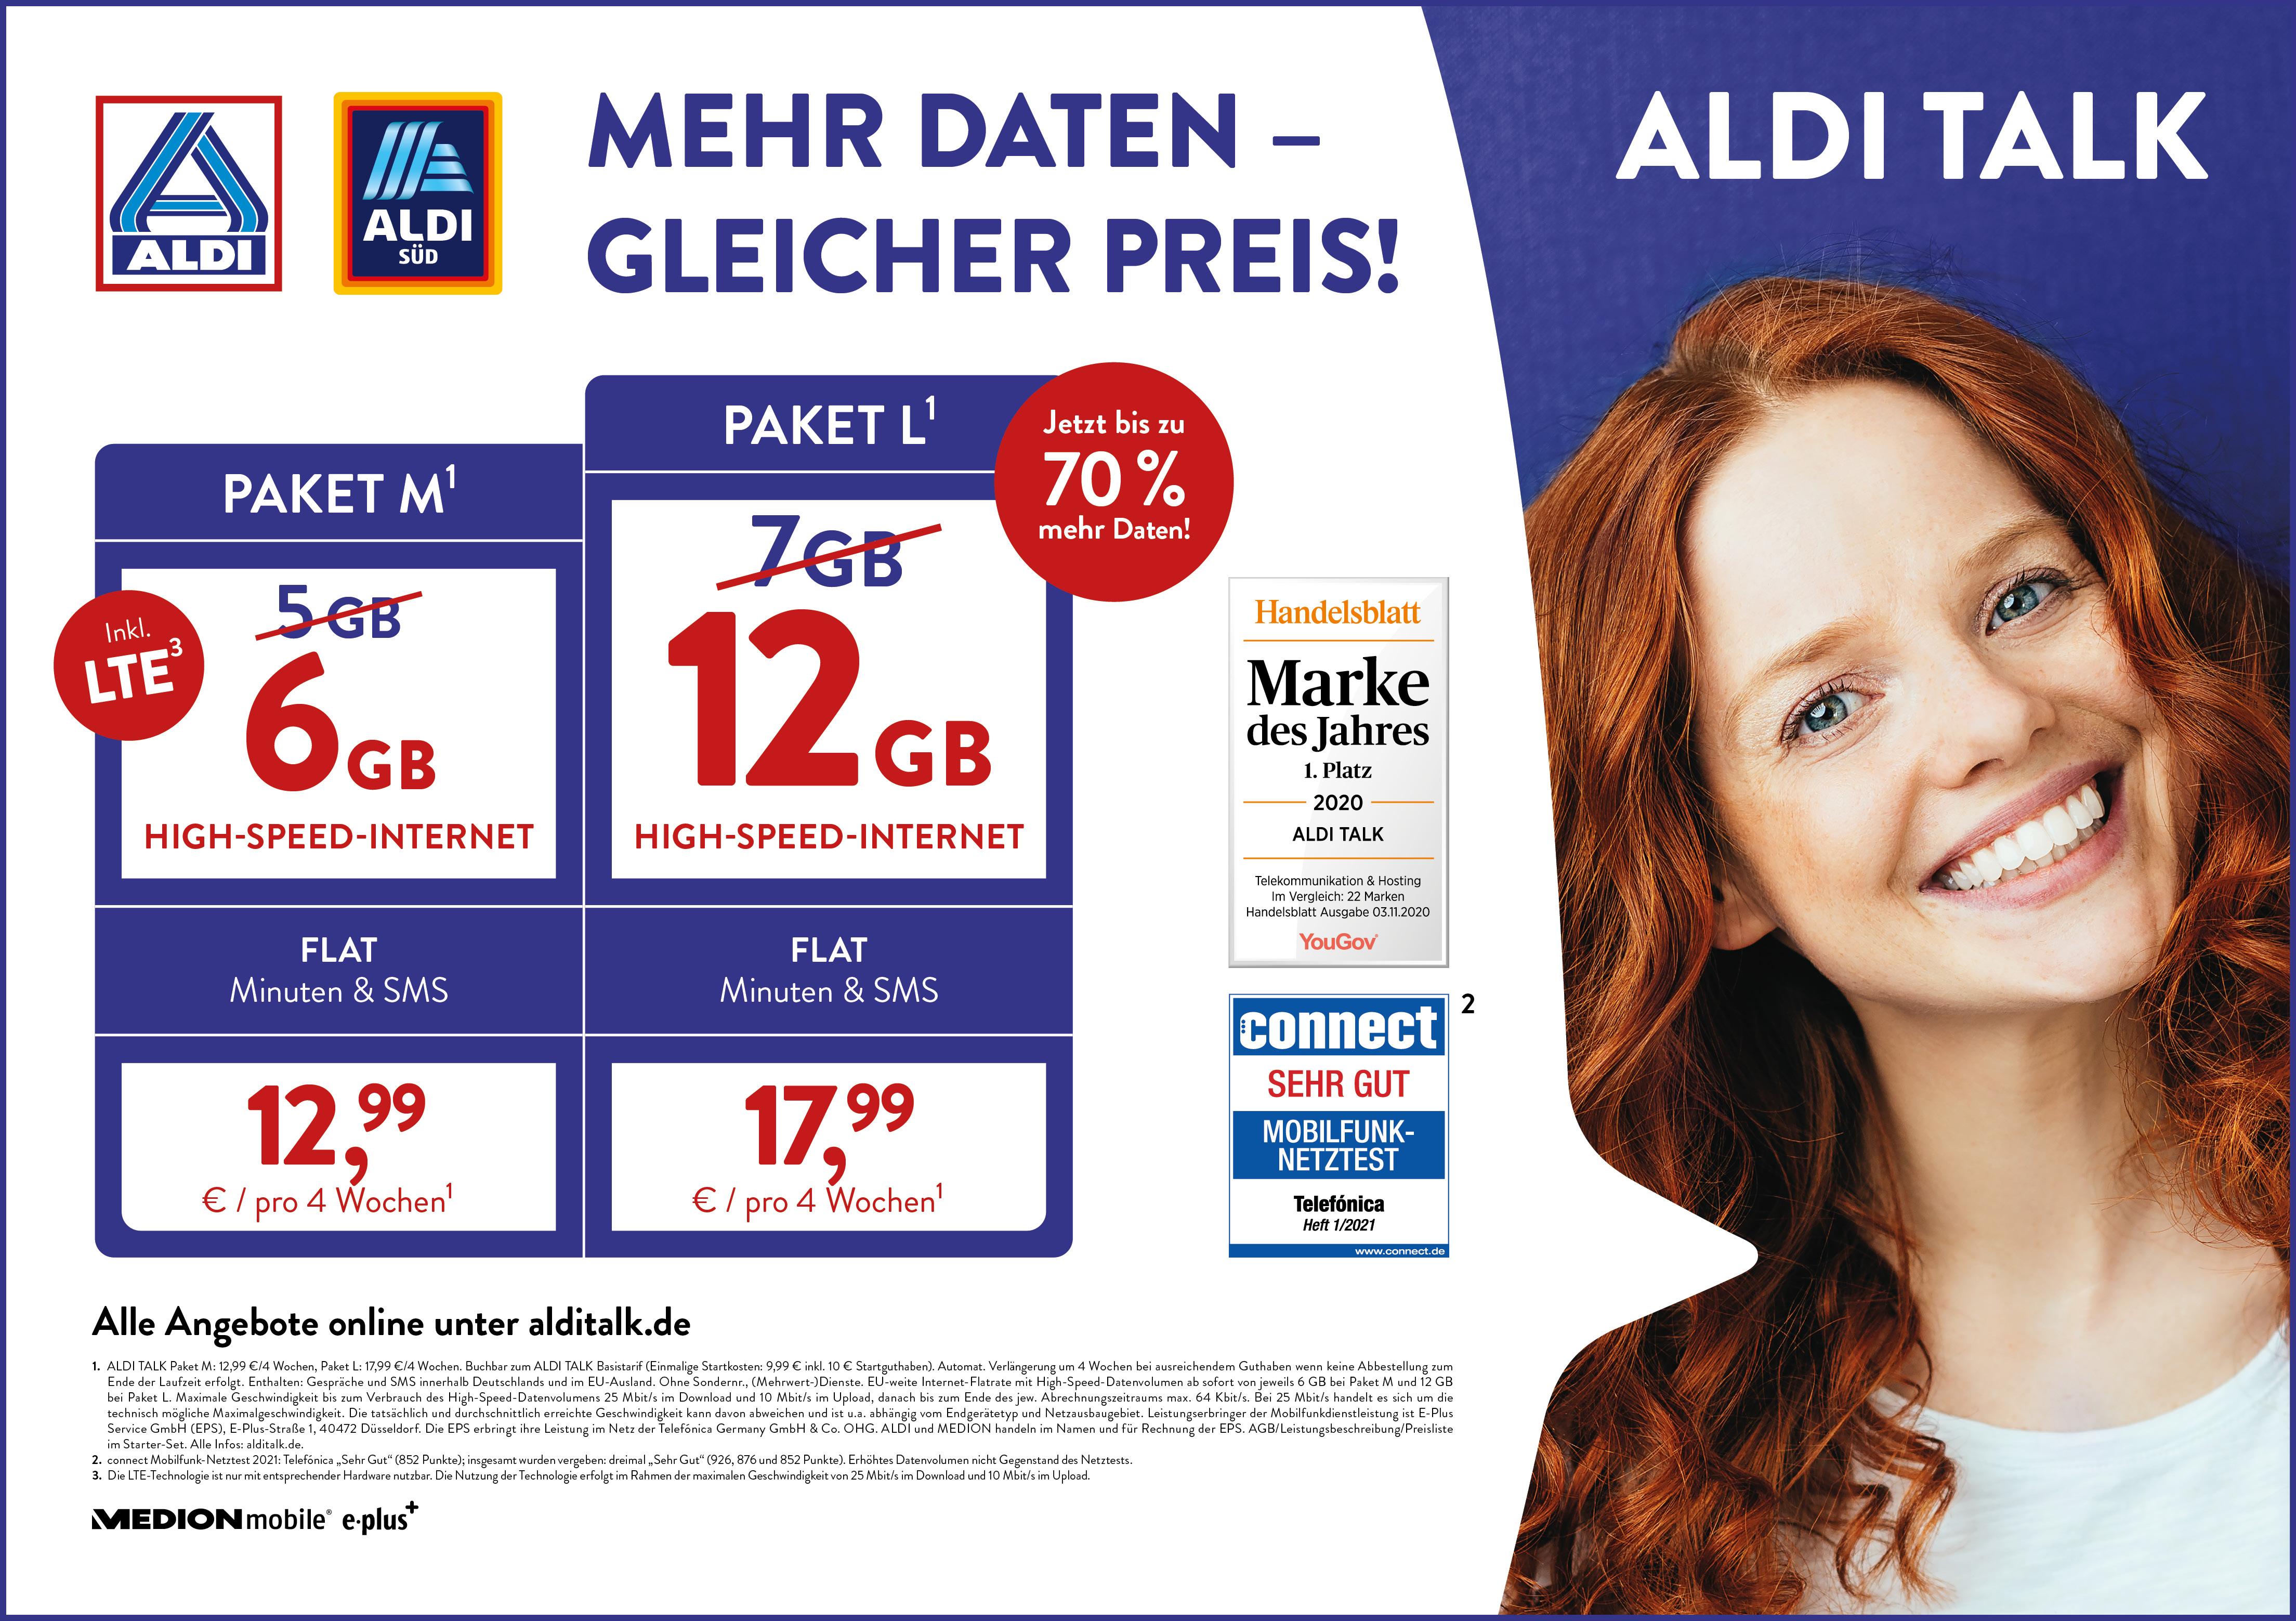 ▷ Mehr Daten, gleicher Preis ALDI TALK erhöht das Datenvolumen ...